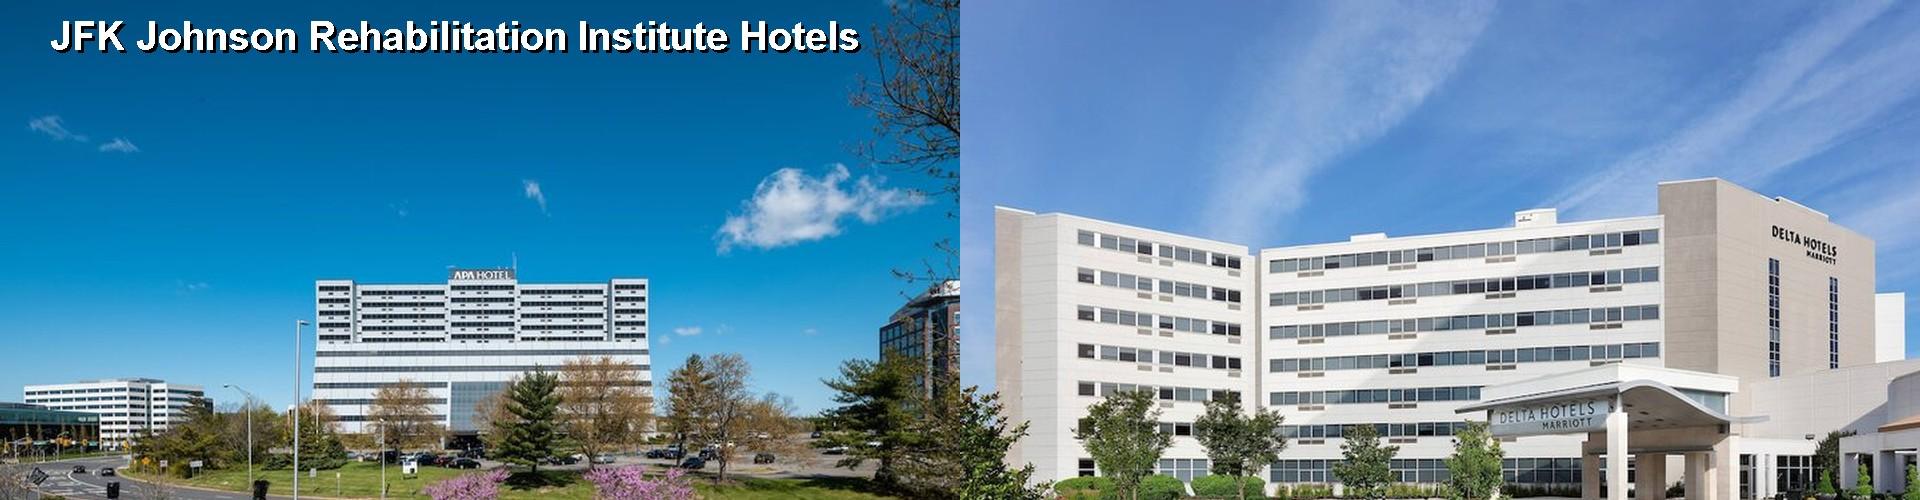 Hotels Near Jfk >> 51 Closest Hotels Near Jfk Johnson Rehabilitation